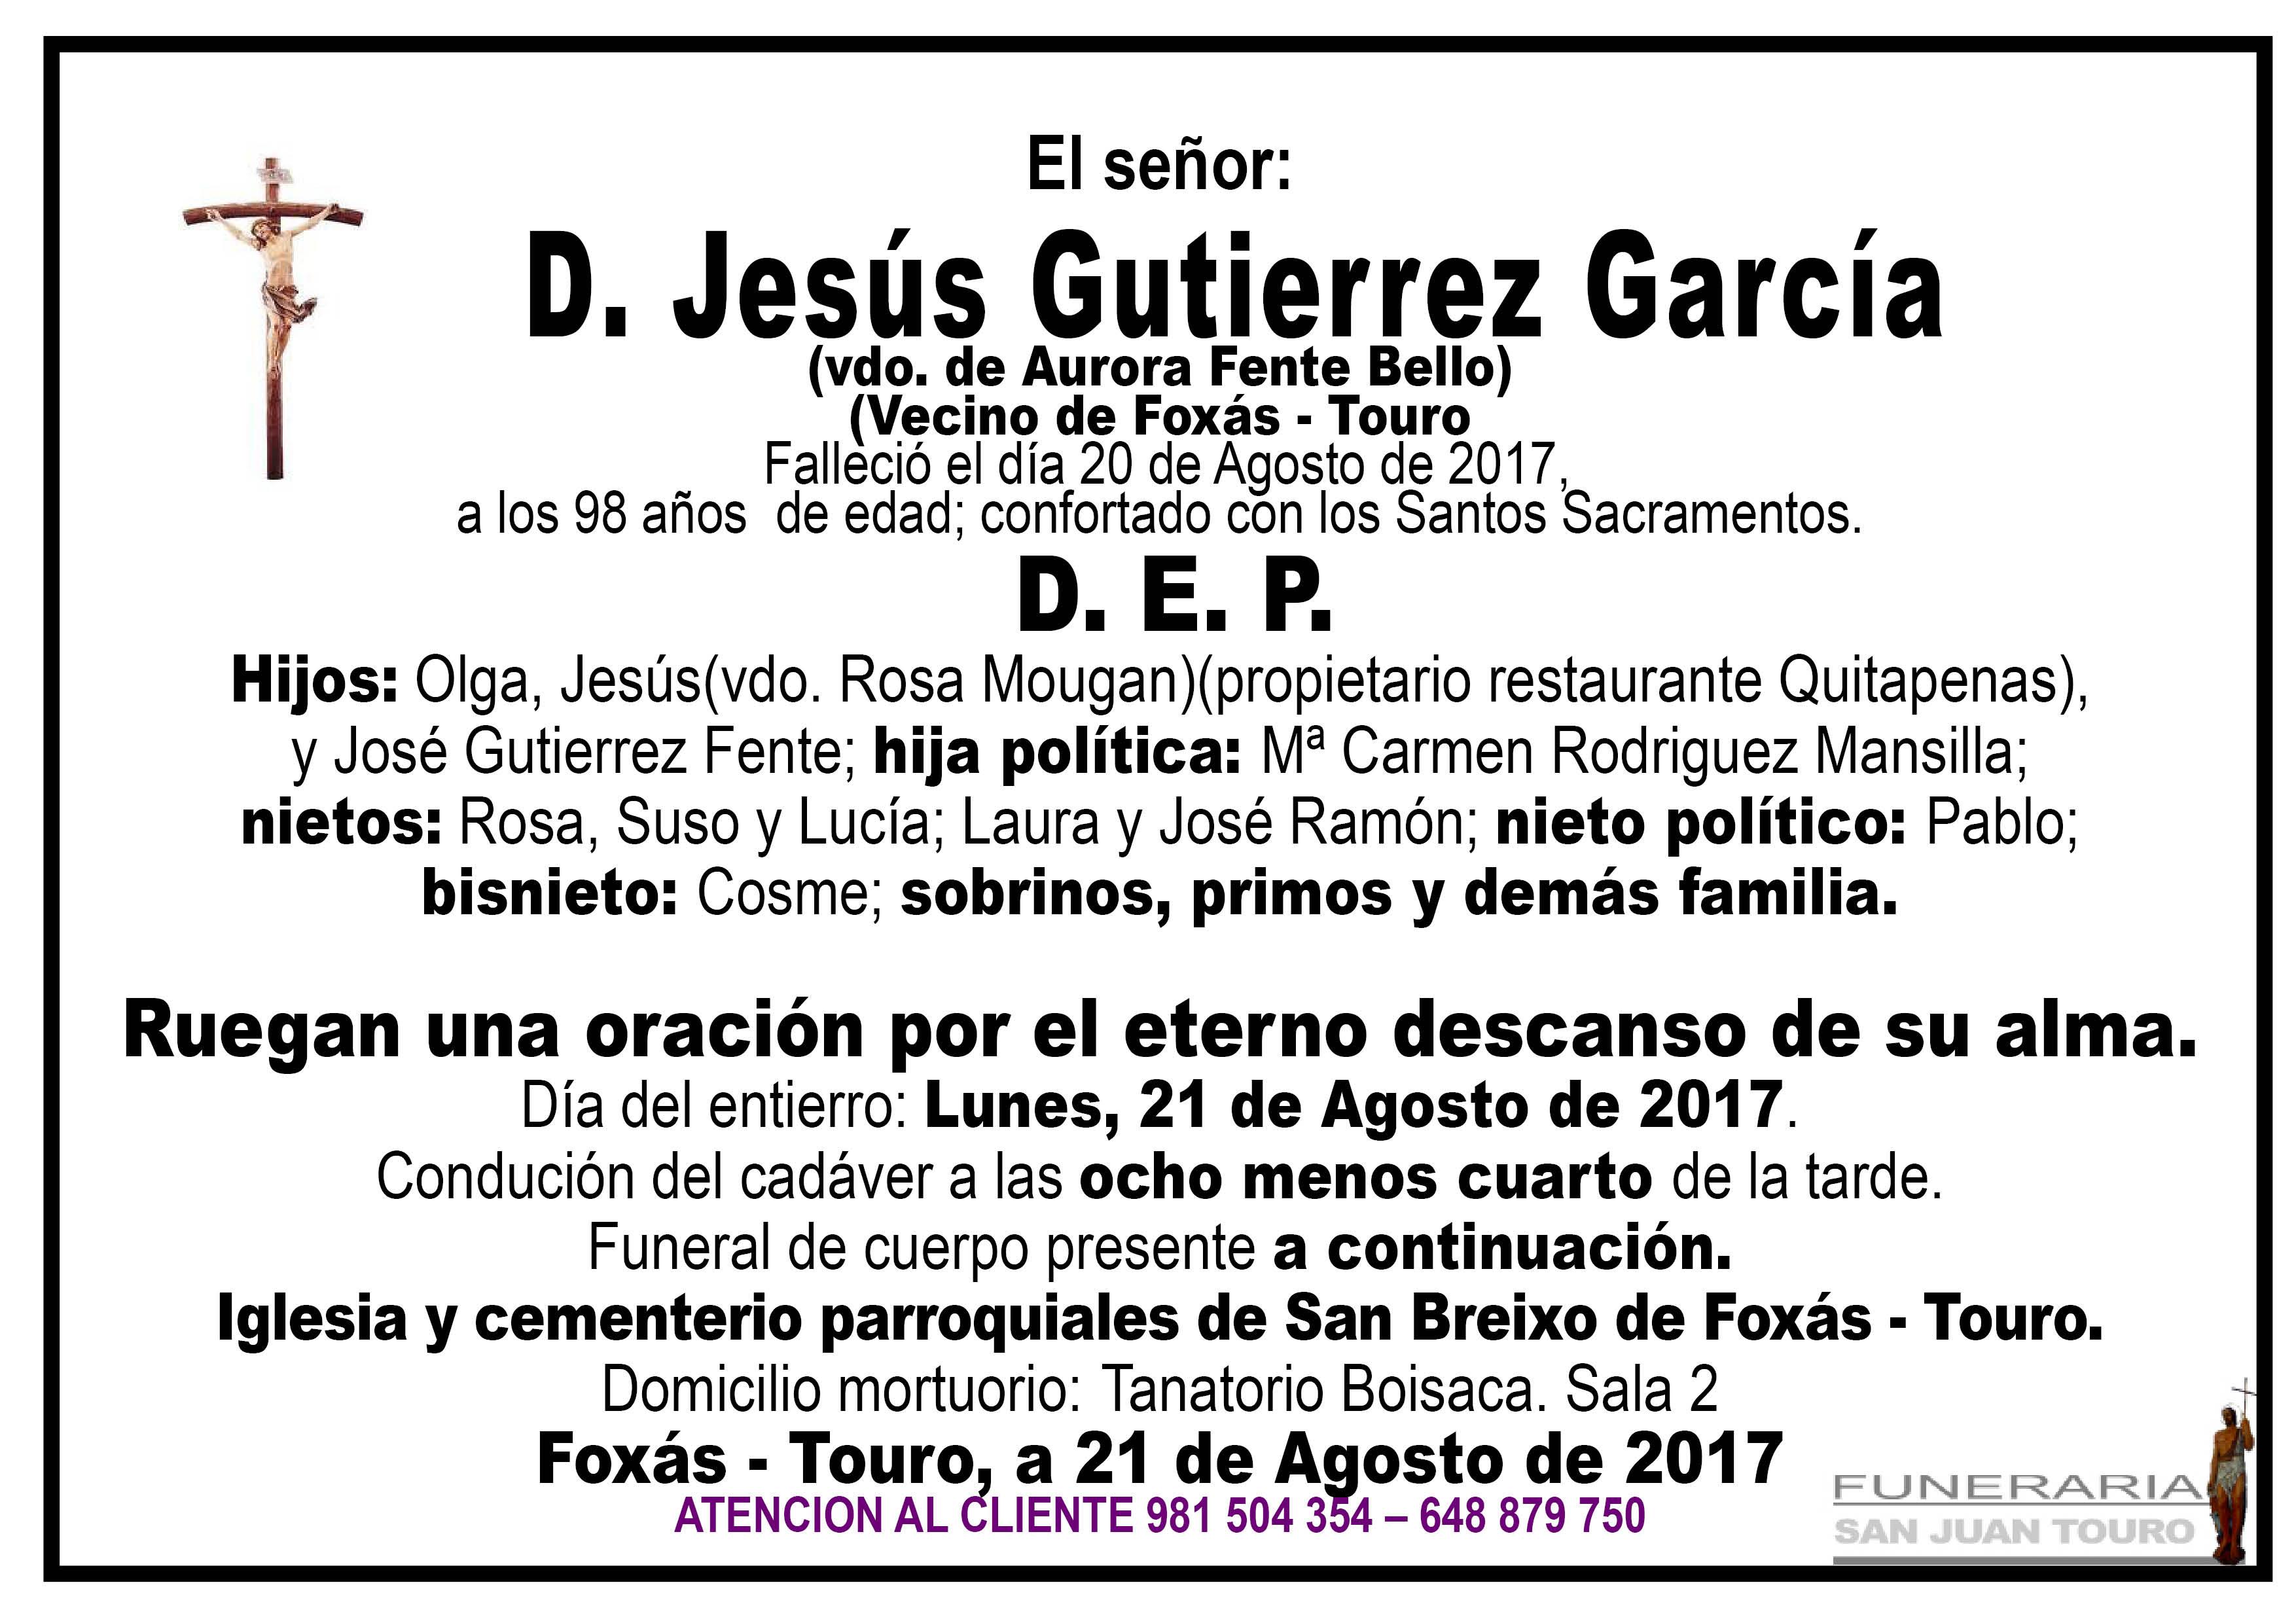 Esquela de SEPELIO DE JESUS GUTIERREZ GARCIA